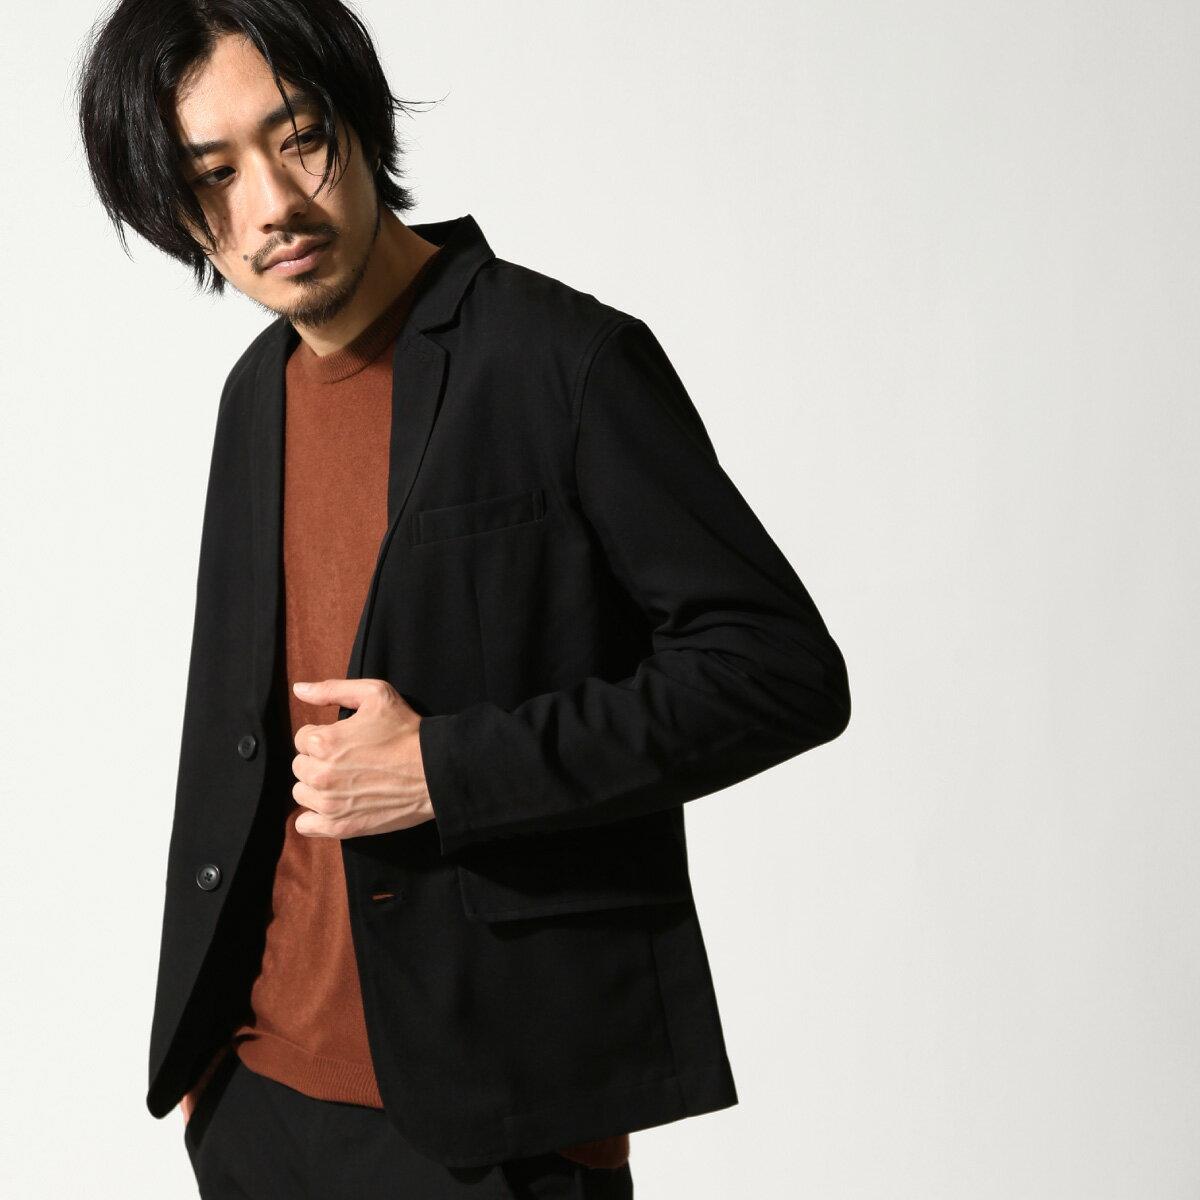 【現貨】 西裝外套 西裝褲 套組 【zp-setup005-aa】 7